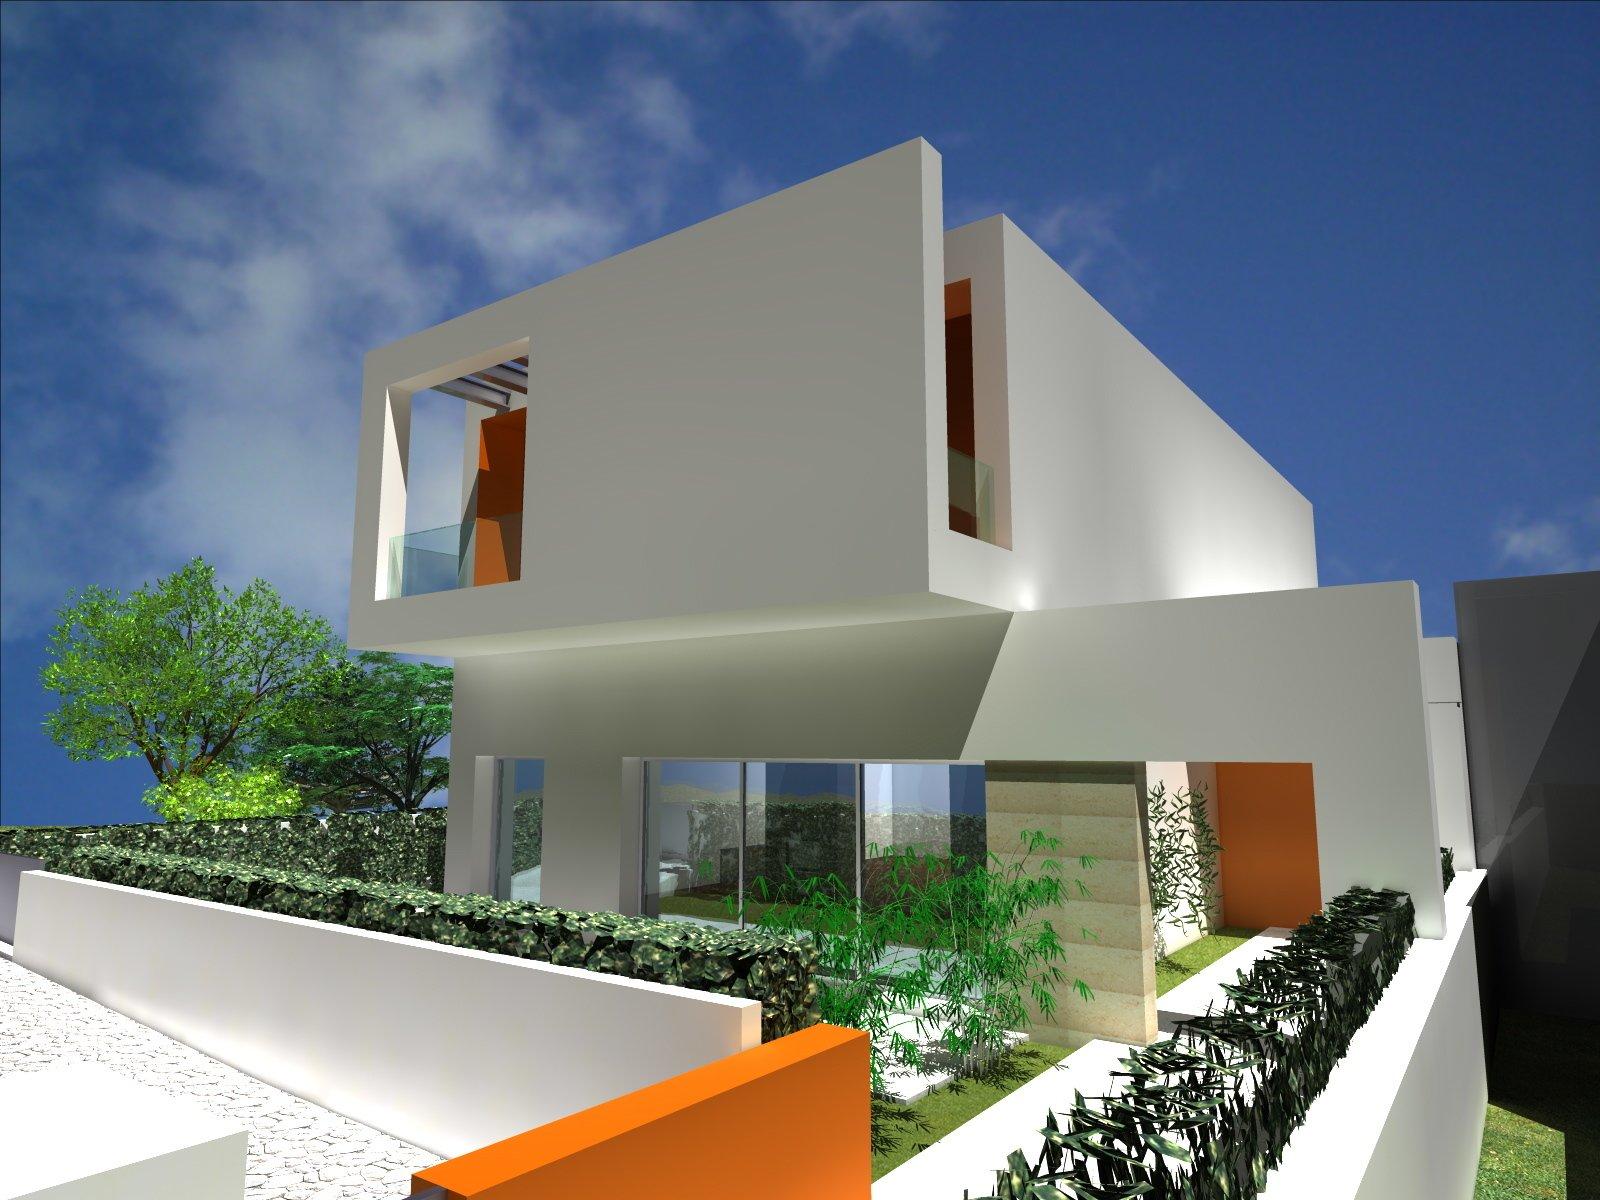 3 Bedroom Villa Lagos, Western Algarve Ref: GV554